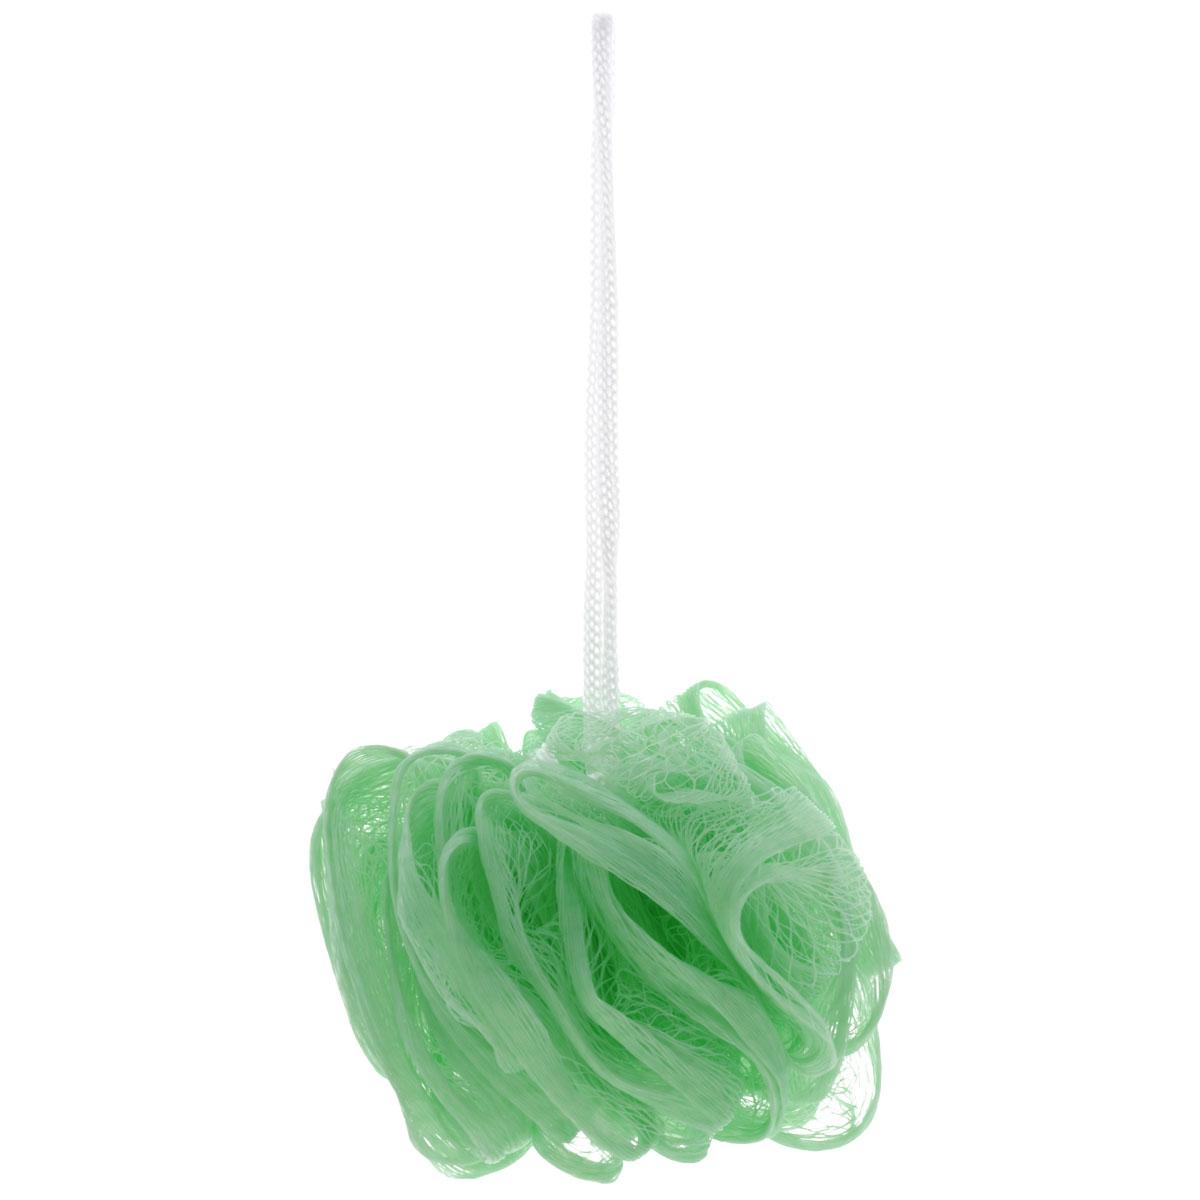 Мочалка Eva Бантик, цвет: салатовыйМС41Мочалка Бантик, выполненная из нейлона, предназначена для мягкого очищения кожи. Она станет незаменимым аксессуаром ванной комнаты. Мочалка отлично пенится, обладает легким массажным воздействием, идеально подходит для нежной и чувствительной кожи. На мочалке имеется удобная петля для подвешивания. Диаметр: 10 см.